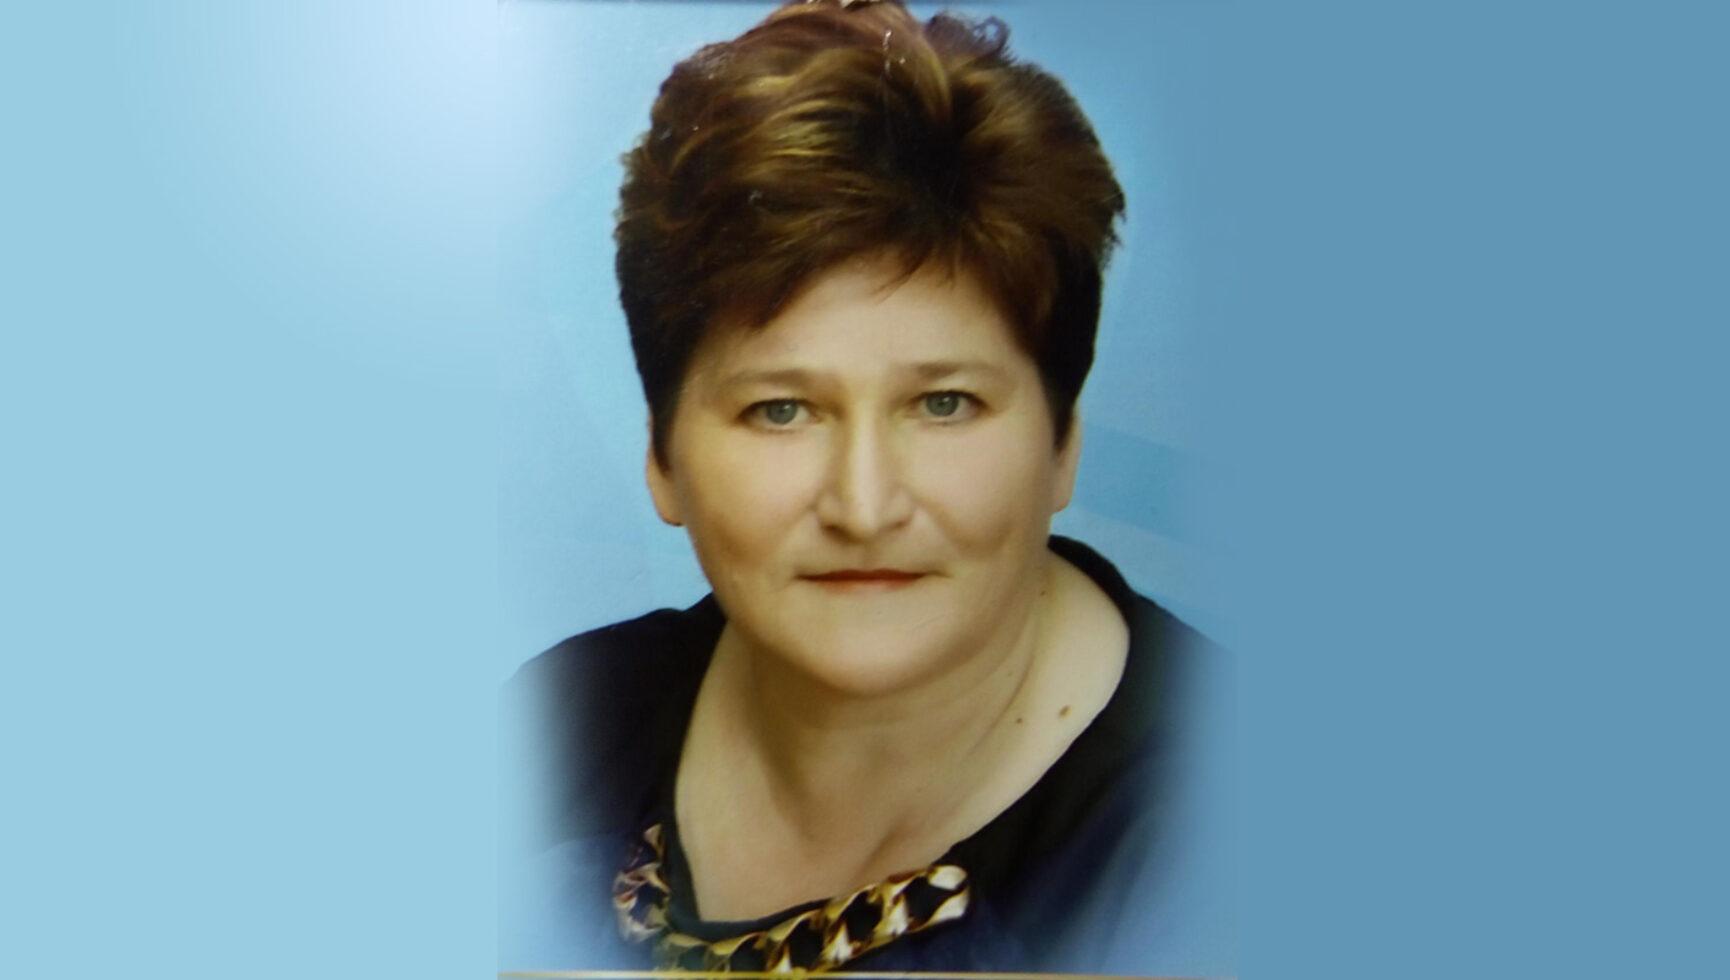 Поздравляем Логинову Надежду Сергеевну, главу муниципального образования Молочно-Дворское Плавского района, с Днем рождения!